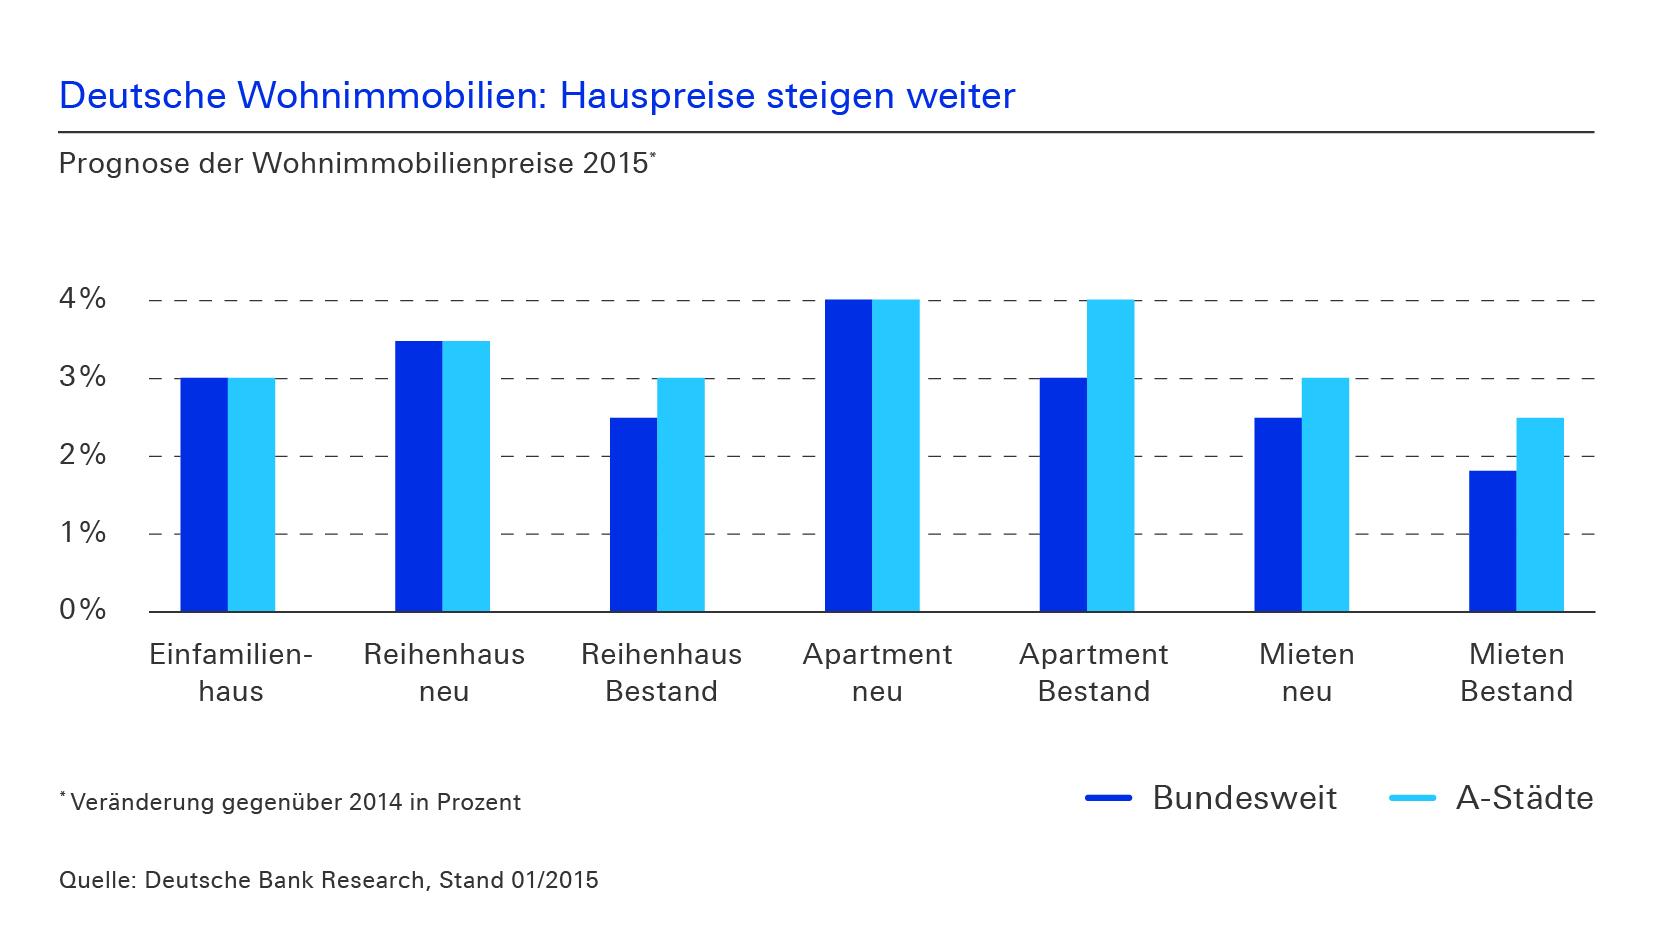 Quelle: www.deutsche-bank.de